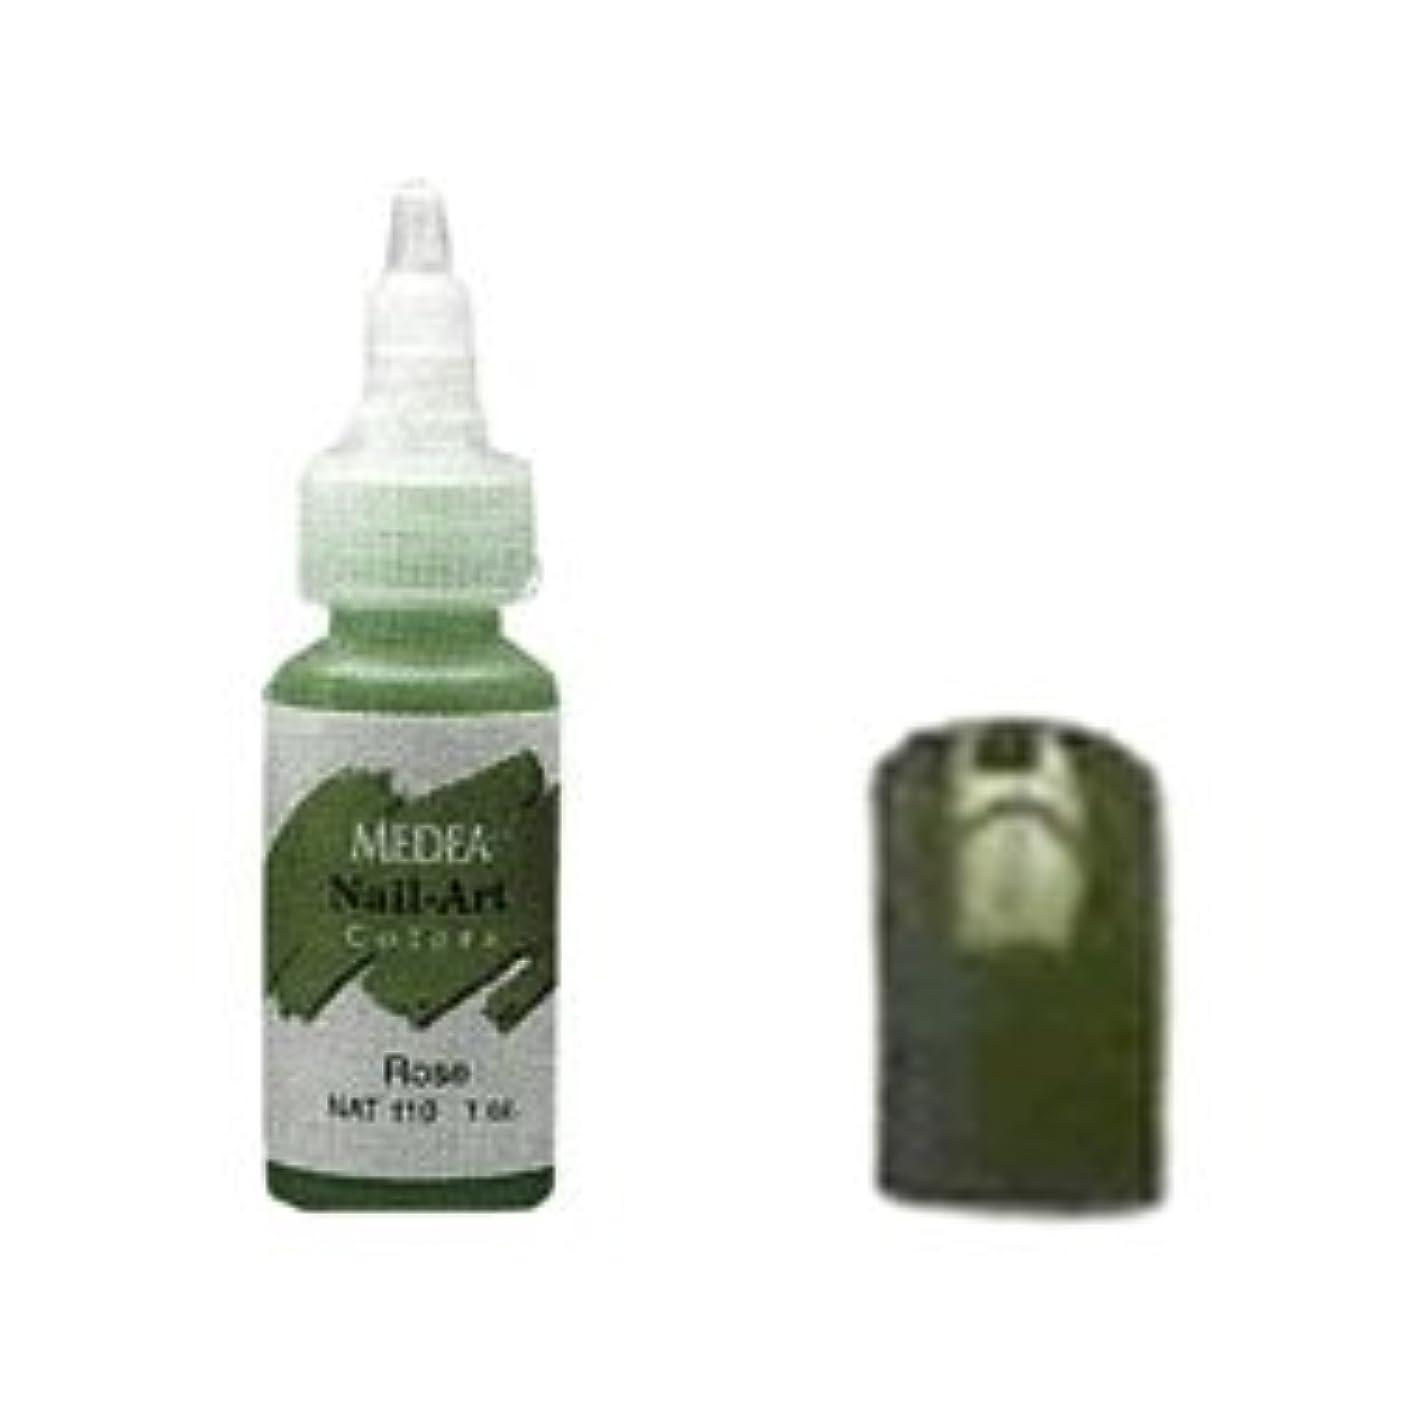 ジャンル海藻影響力のあるネイルカラー30ml エメラルドグリーン NAT138